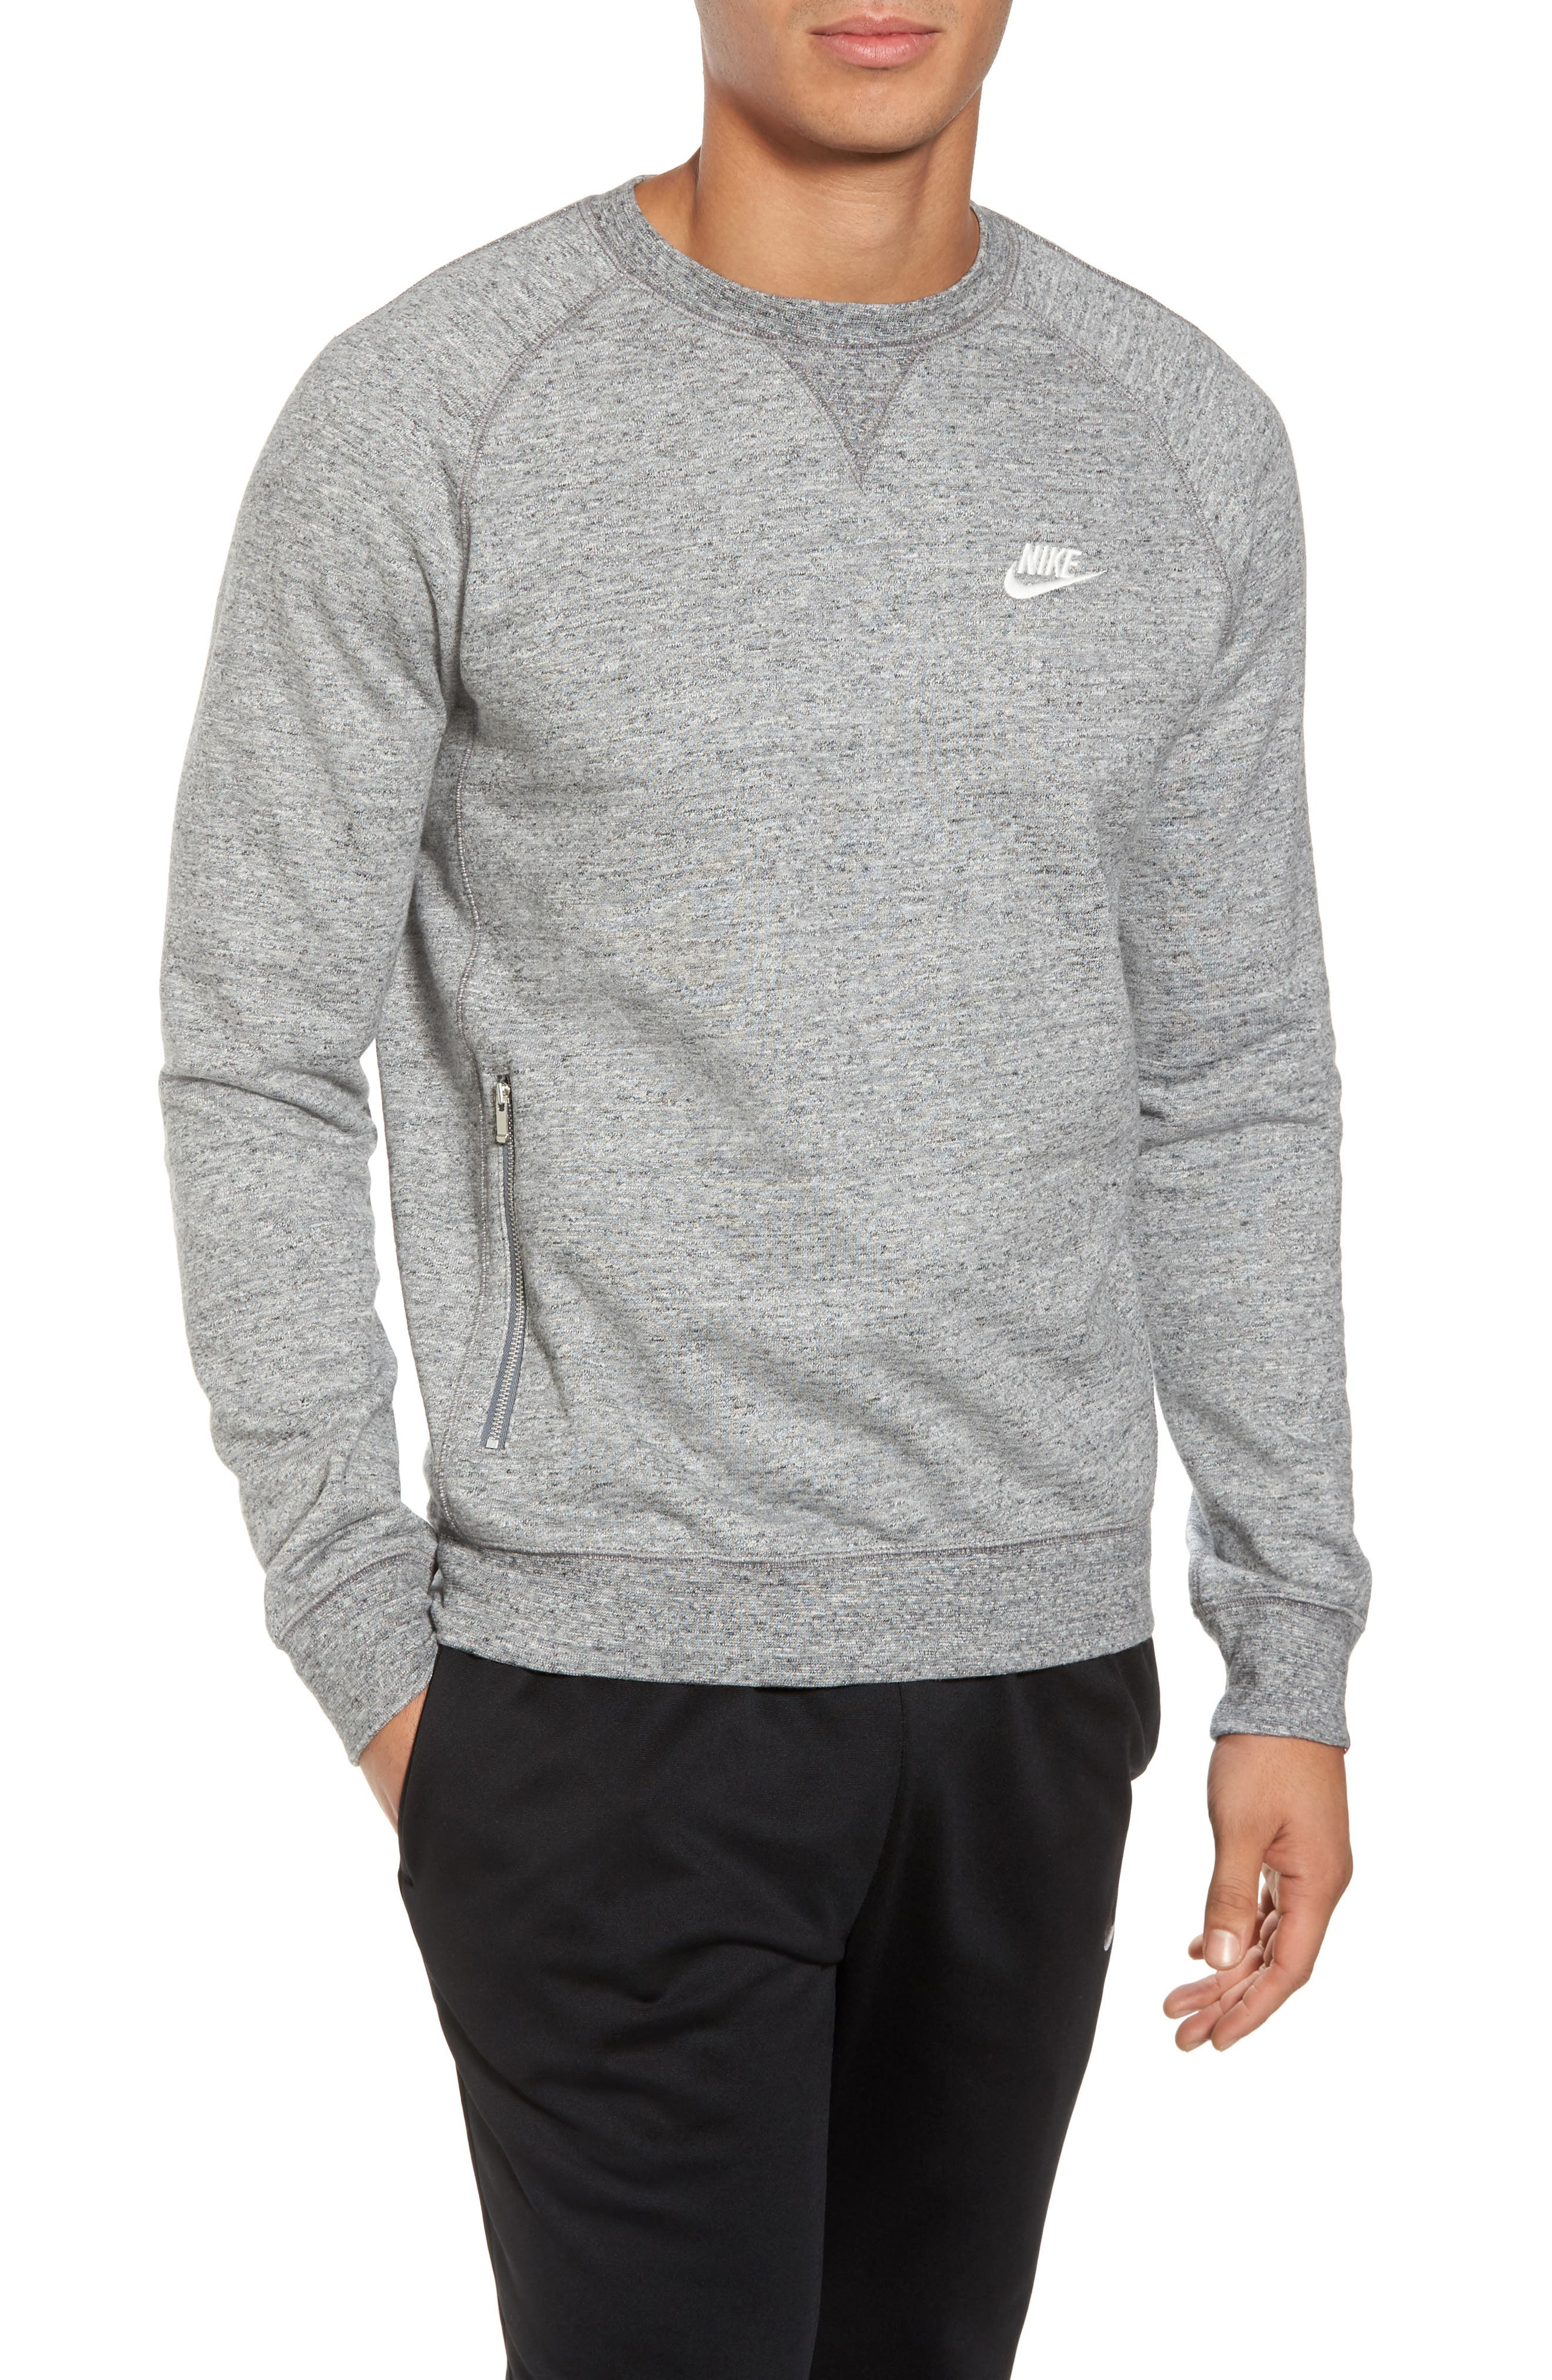 Legacy Raglan Crewneck Sweatshirt,                         Main,                         color, 092